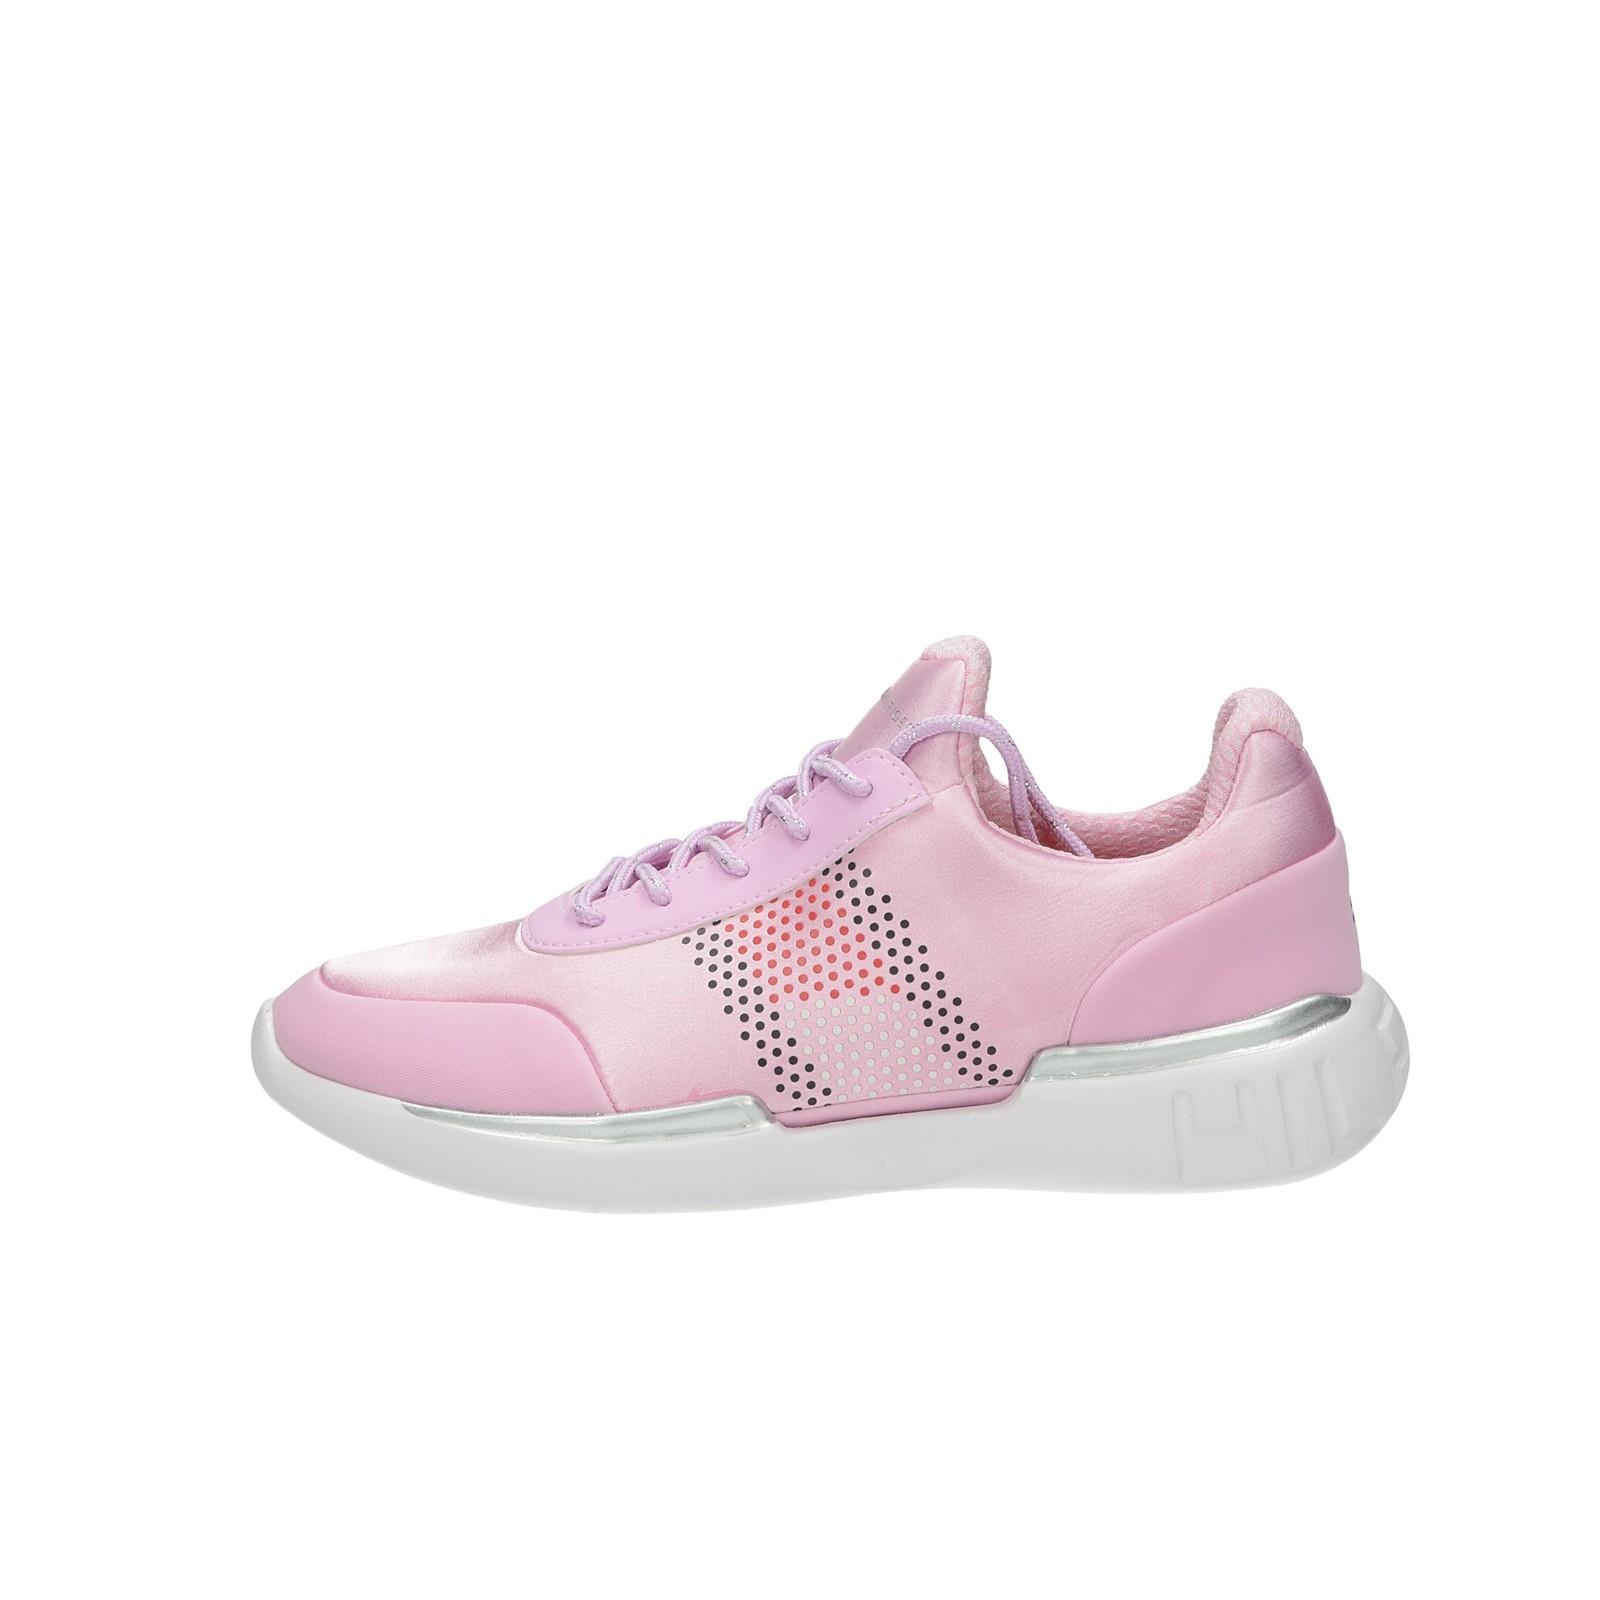 68422ccf5 Tommy Hilfiger dámske štýlové tenisky - ružové | FW0FW03895518-PINK ...